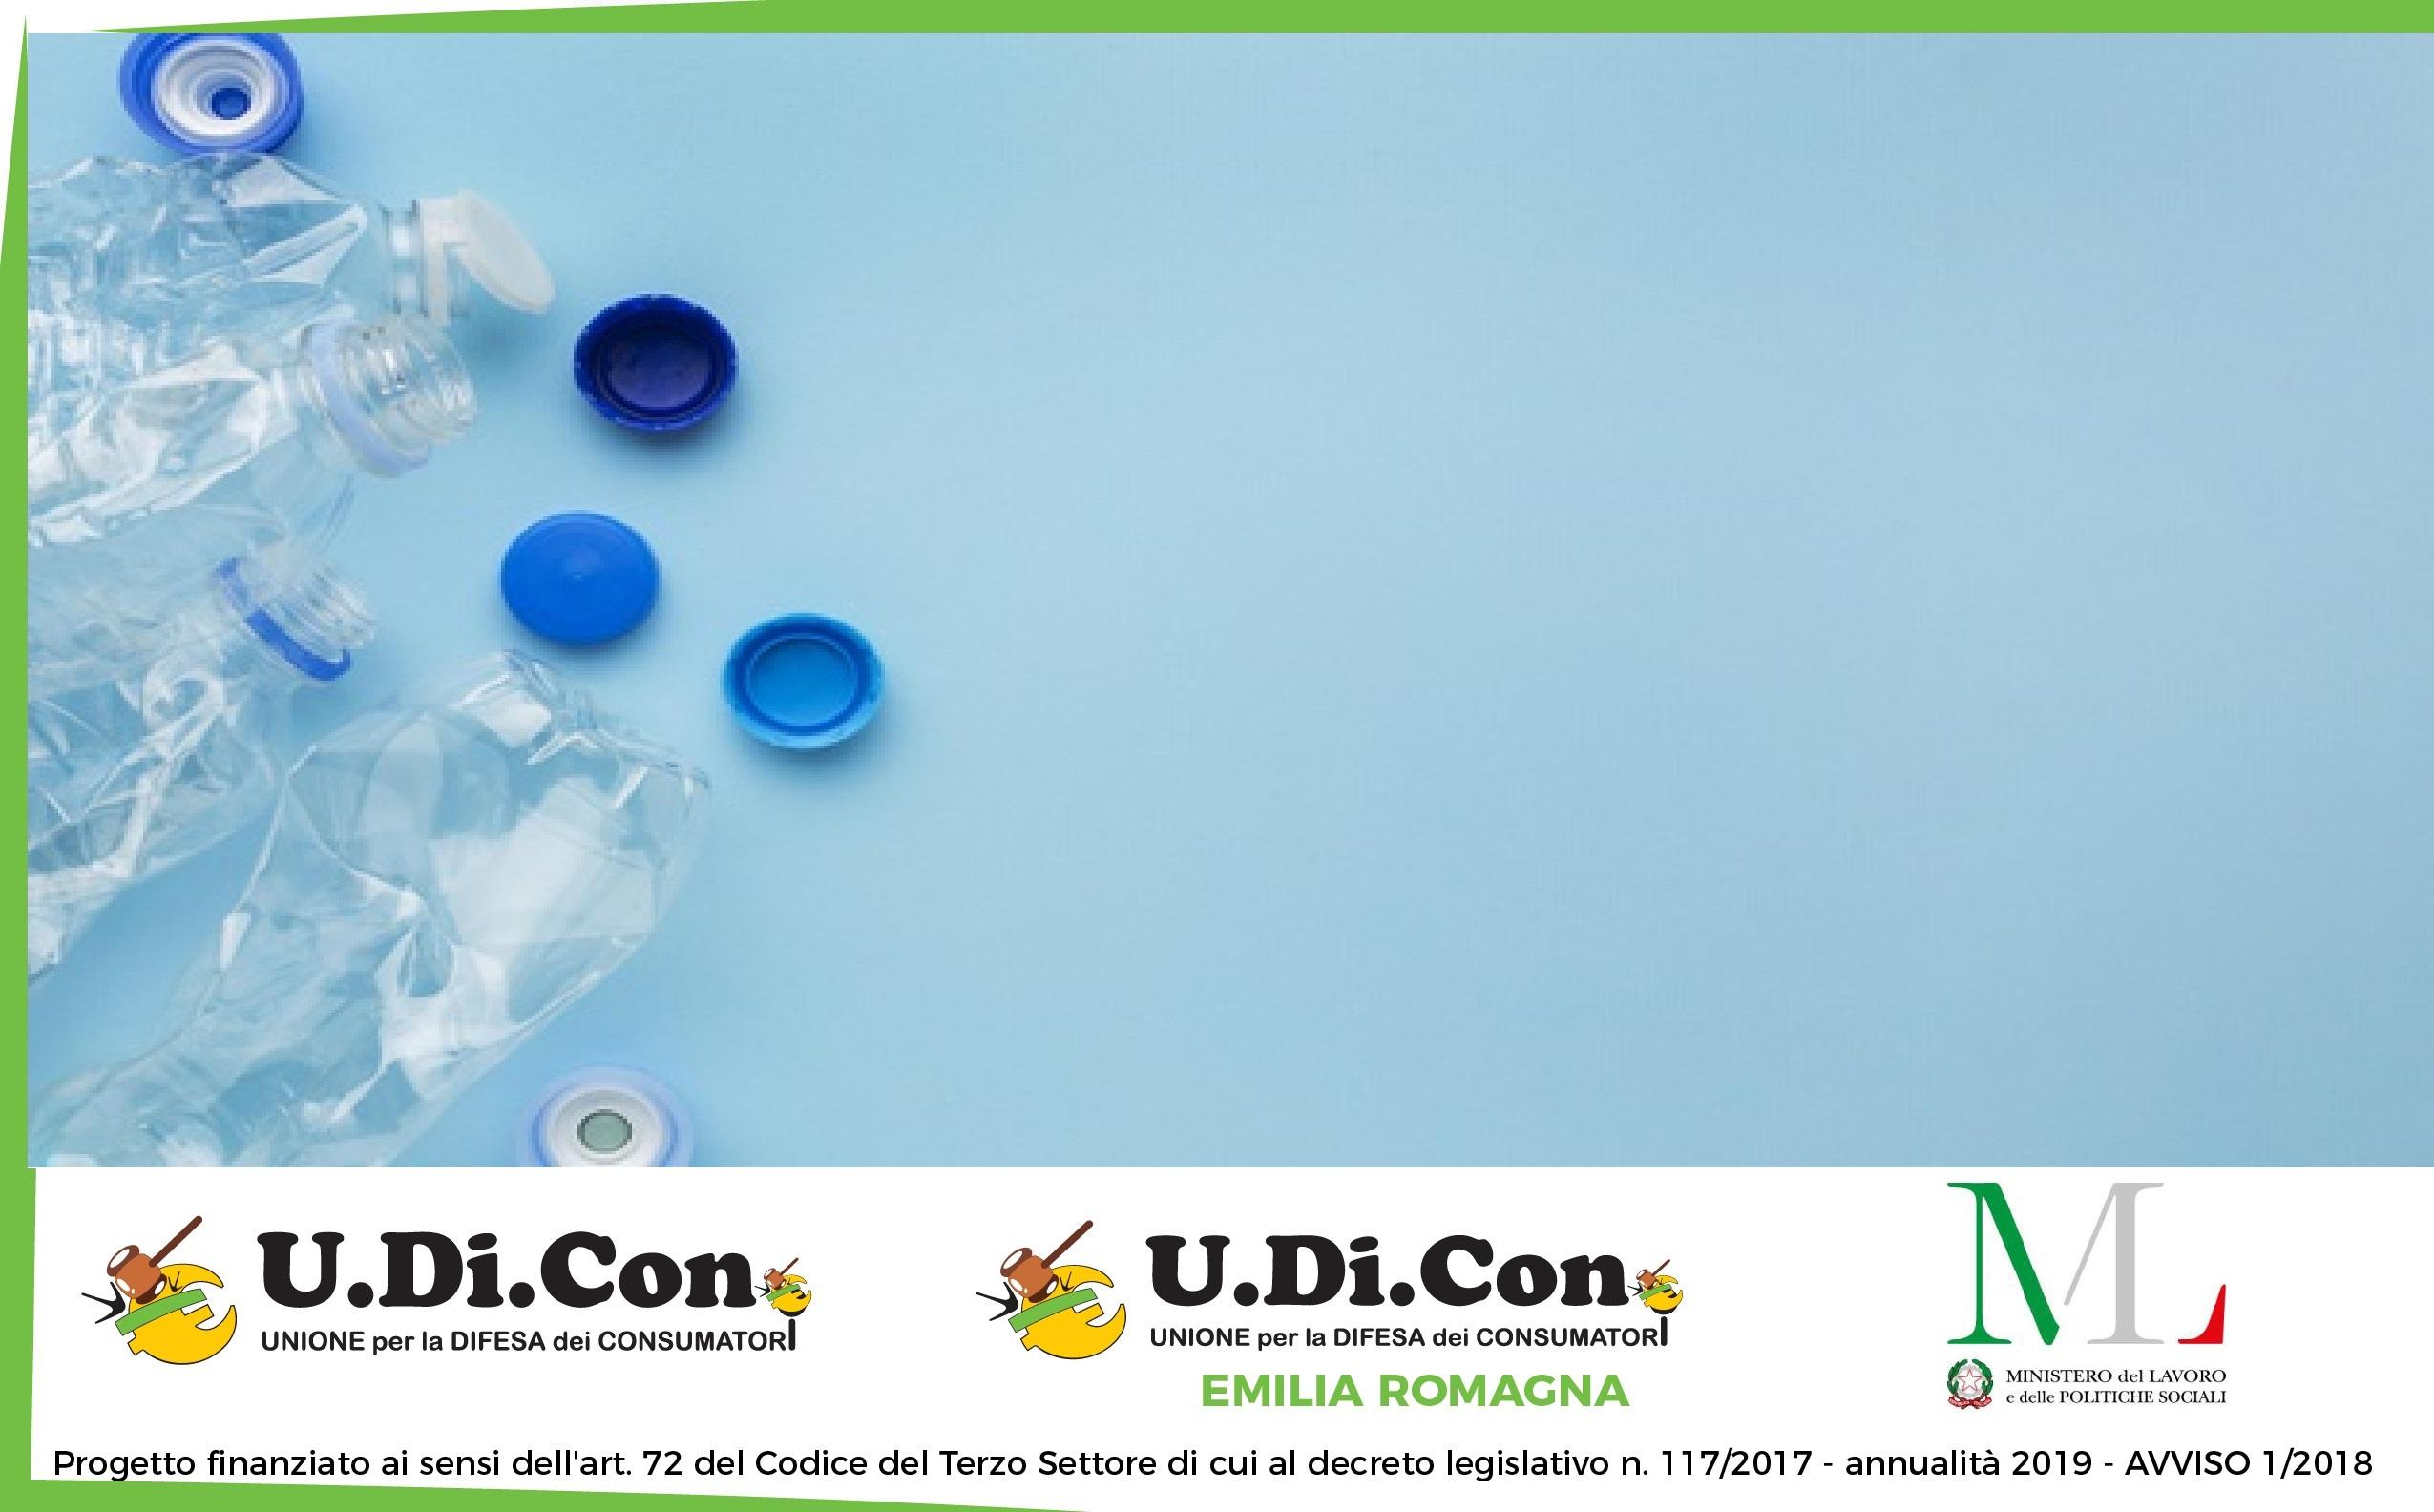 Il diktat dell'Unione Europea: guerra alla plastica monouso, anche se biodegradabile